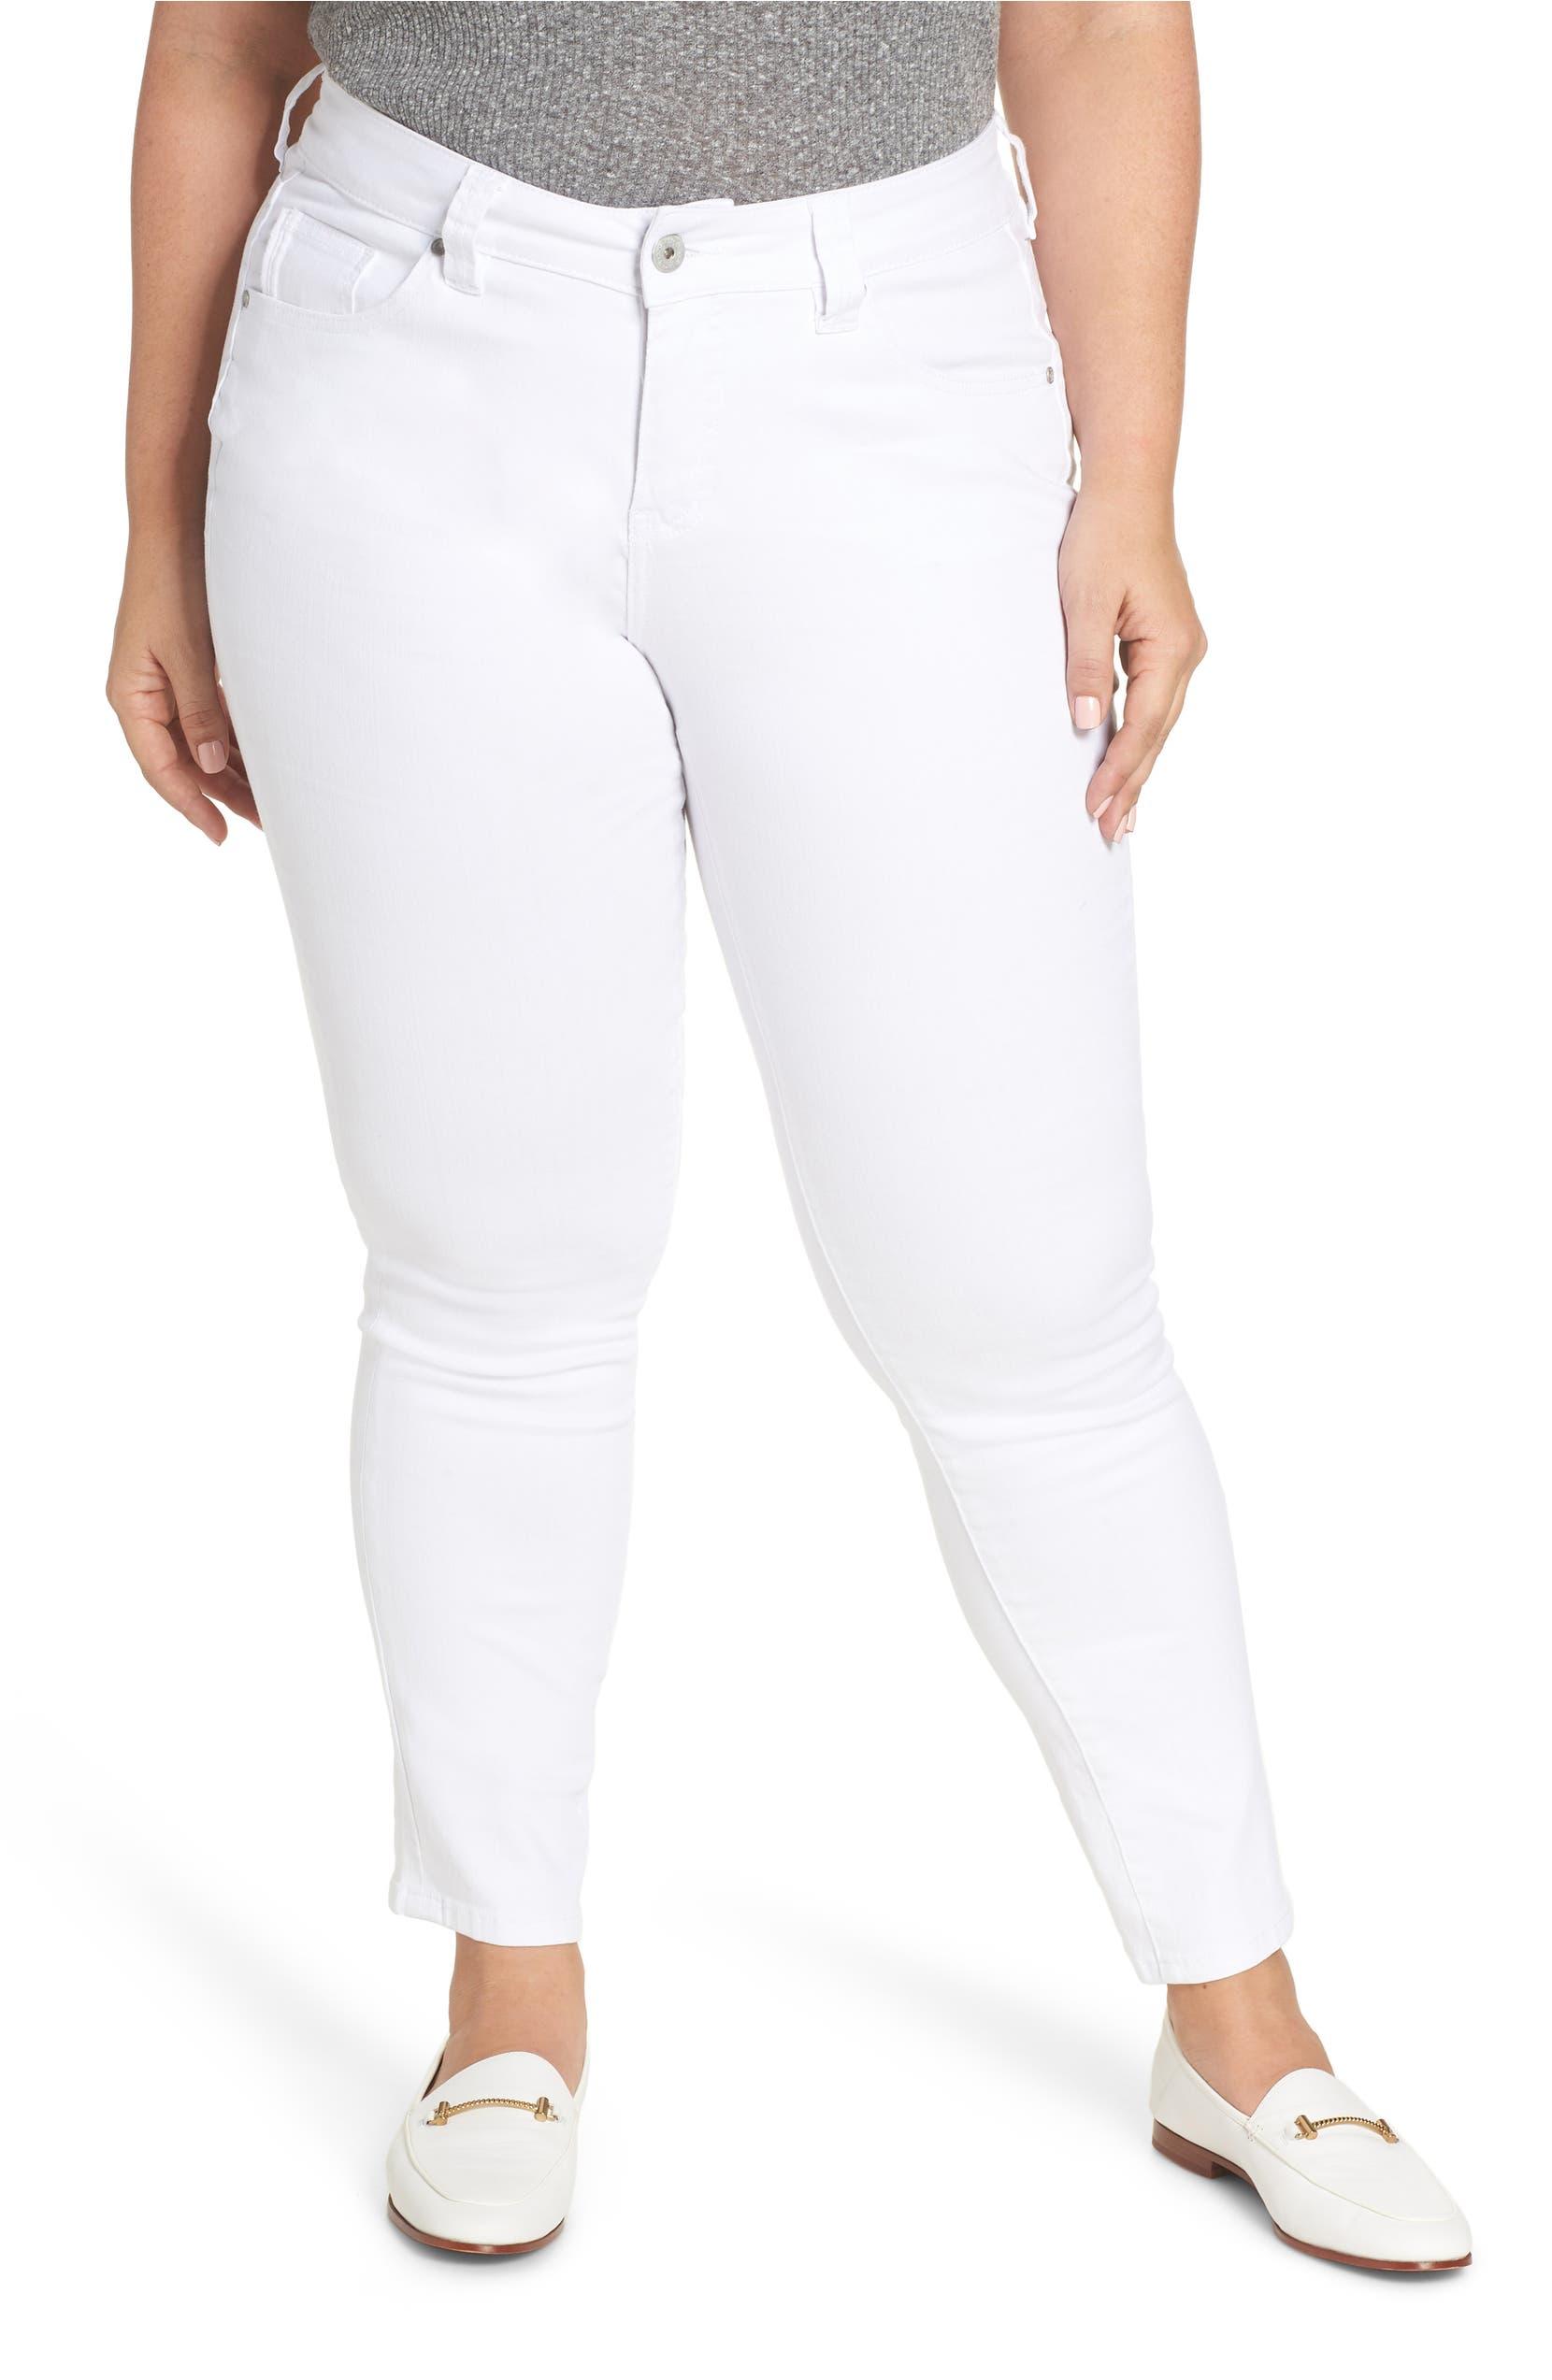 859675f8c5 Jag Jeans Carter Girlfriend Jeans (Plus Size)